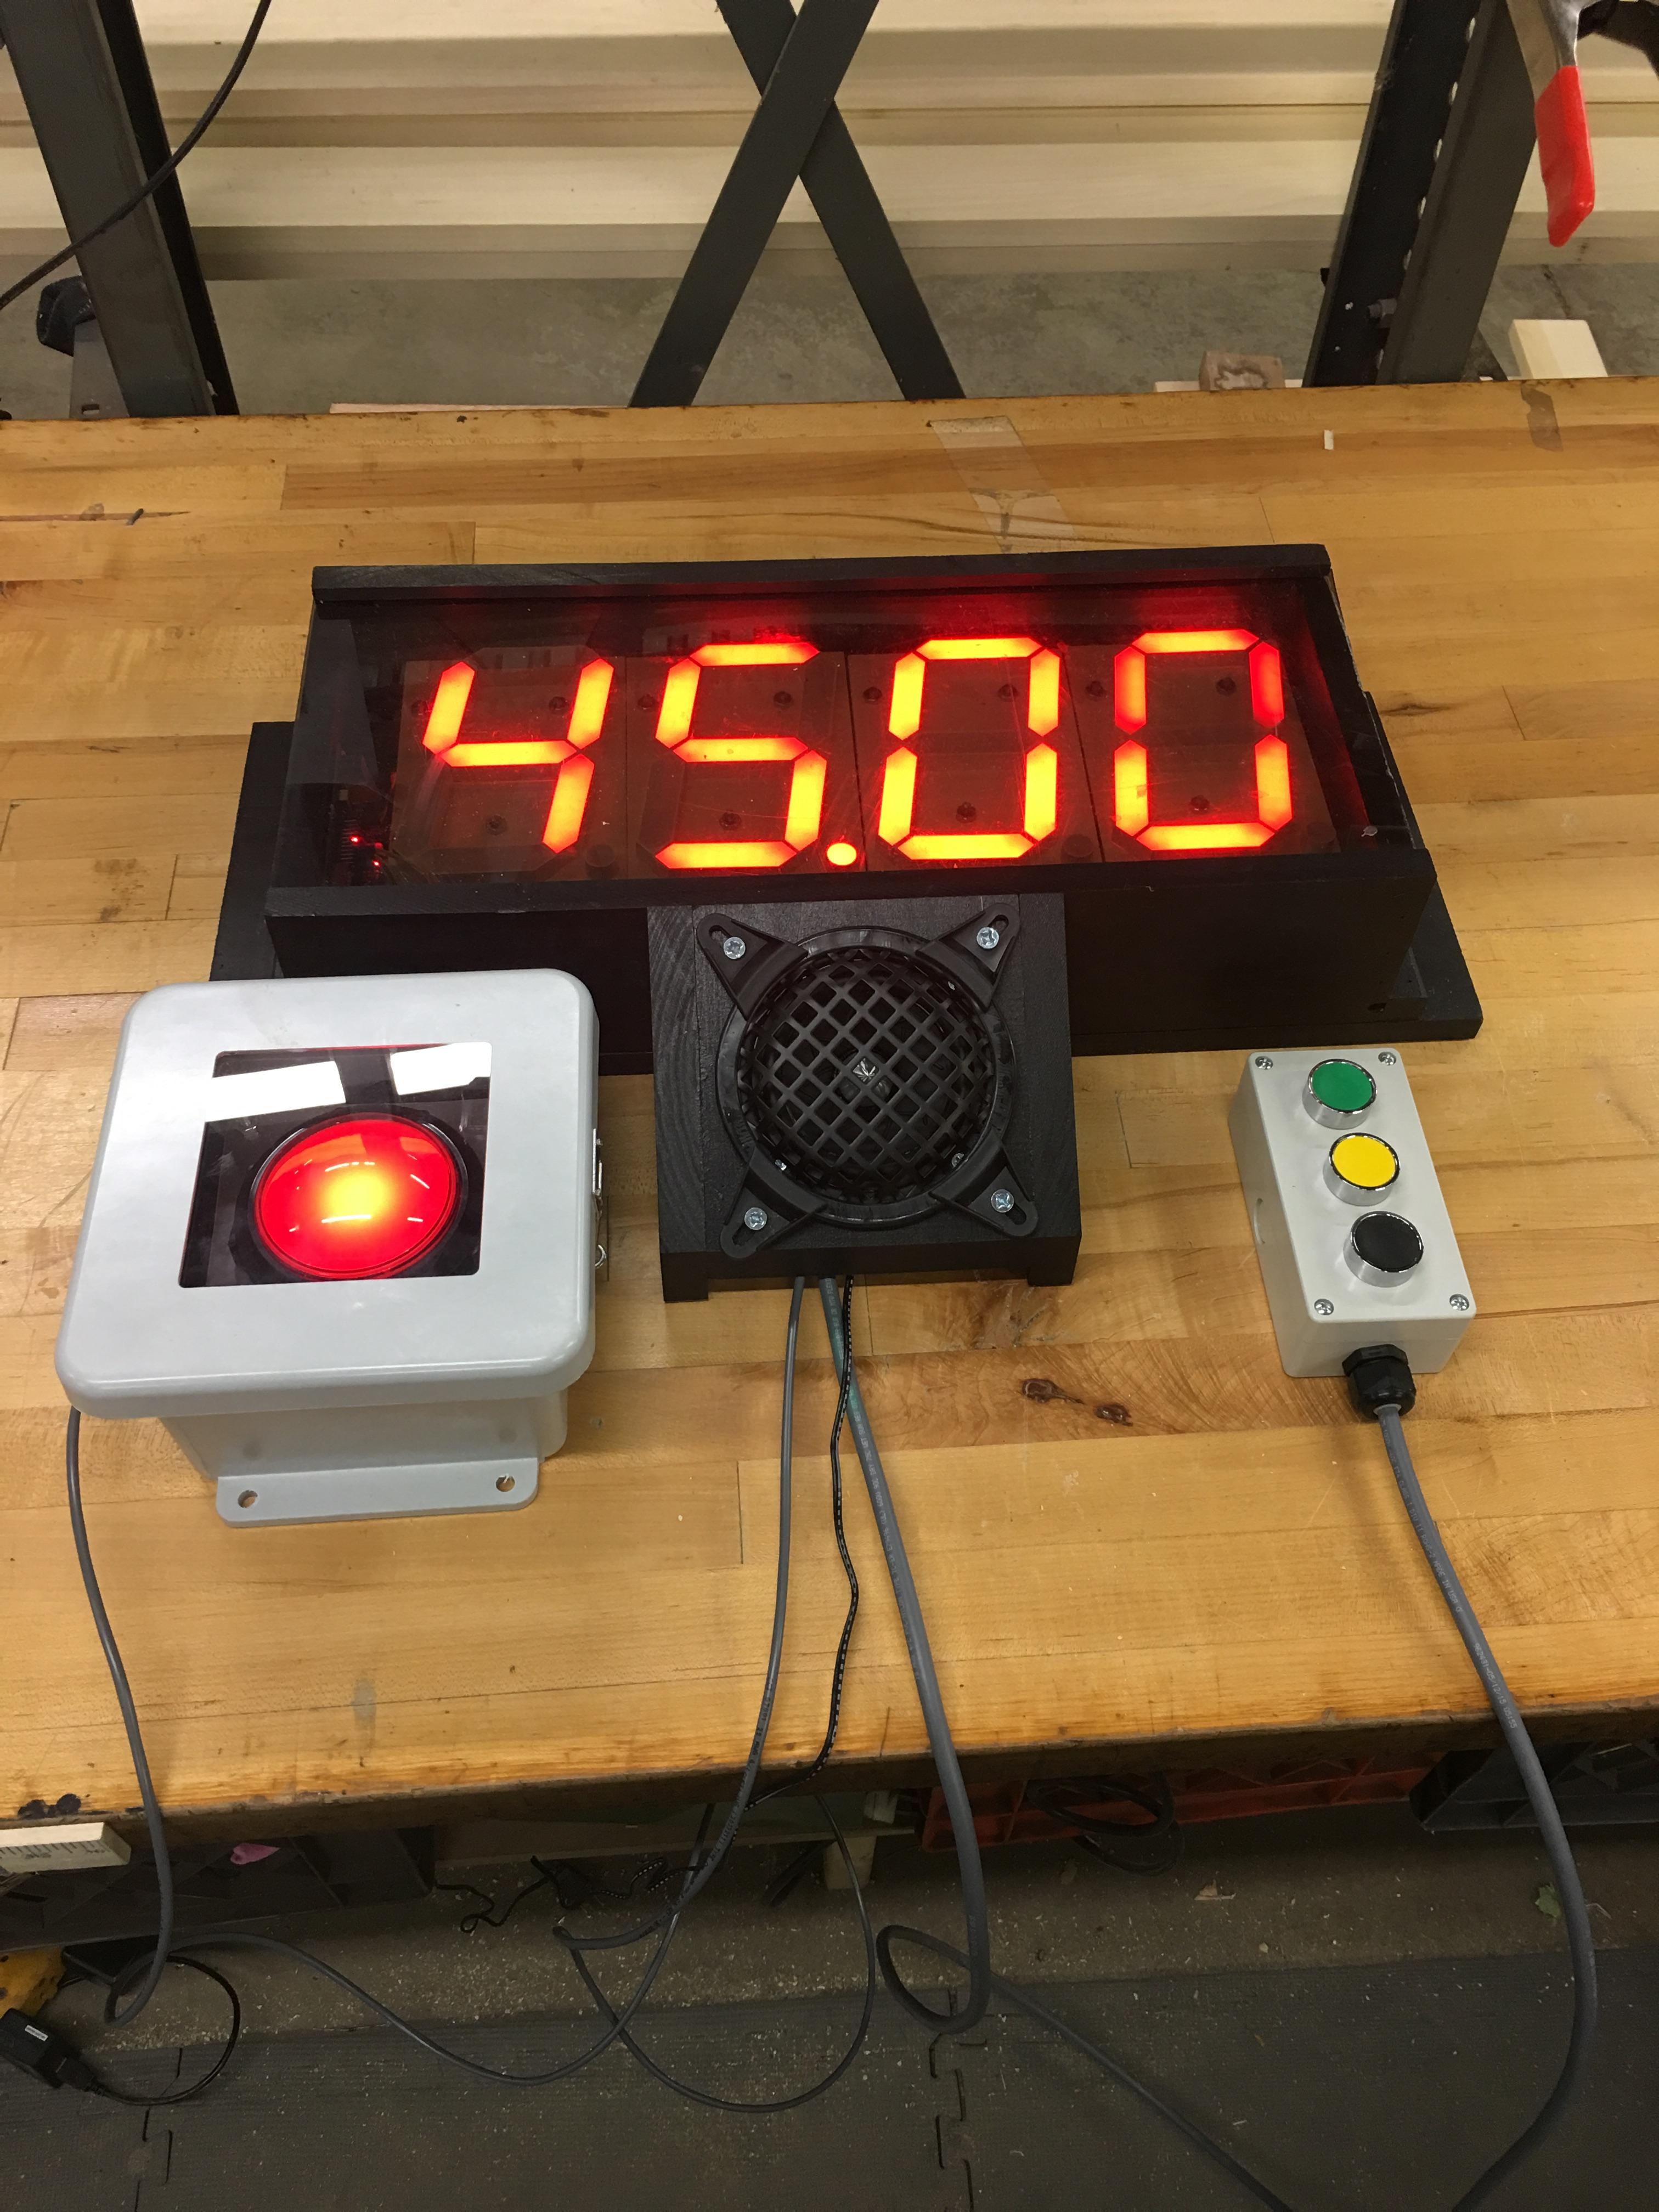 ERPZ-103 Super Timeclock